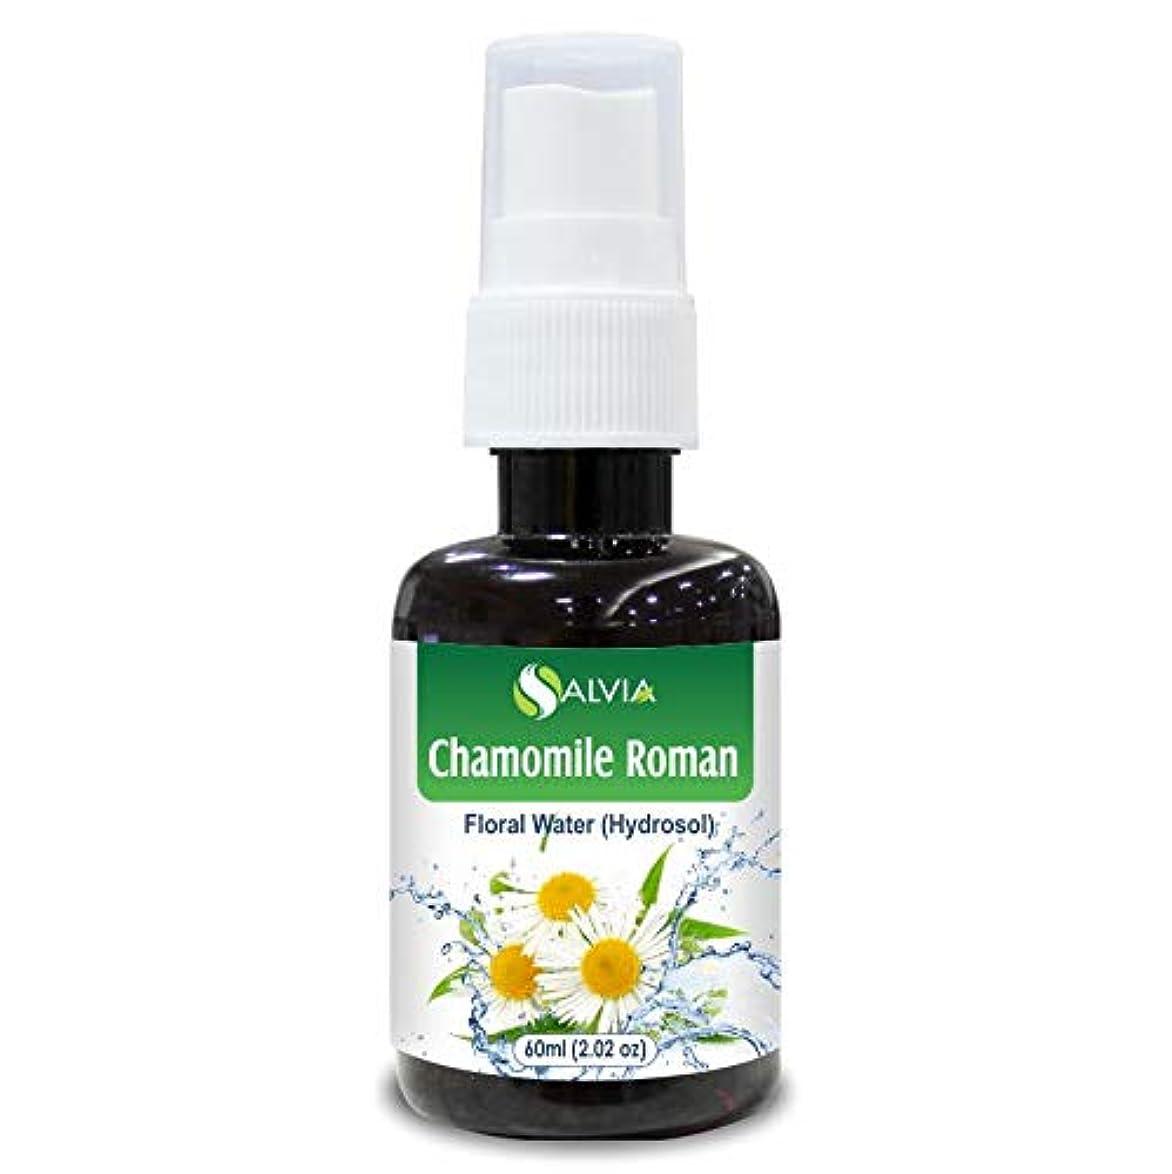 治世限界プレミアムChamomile Oil, Roman Floral Water 60ml (Hydrosol) 100% Pure And Natural